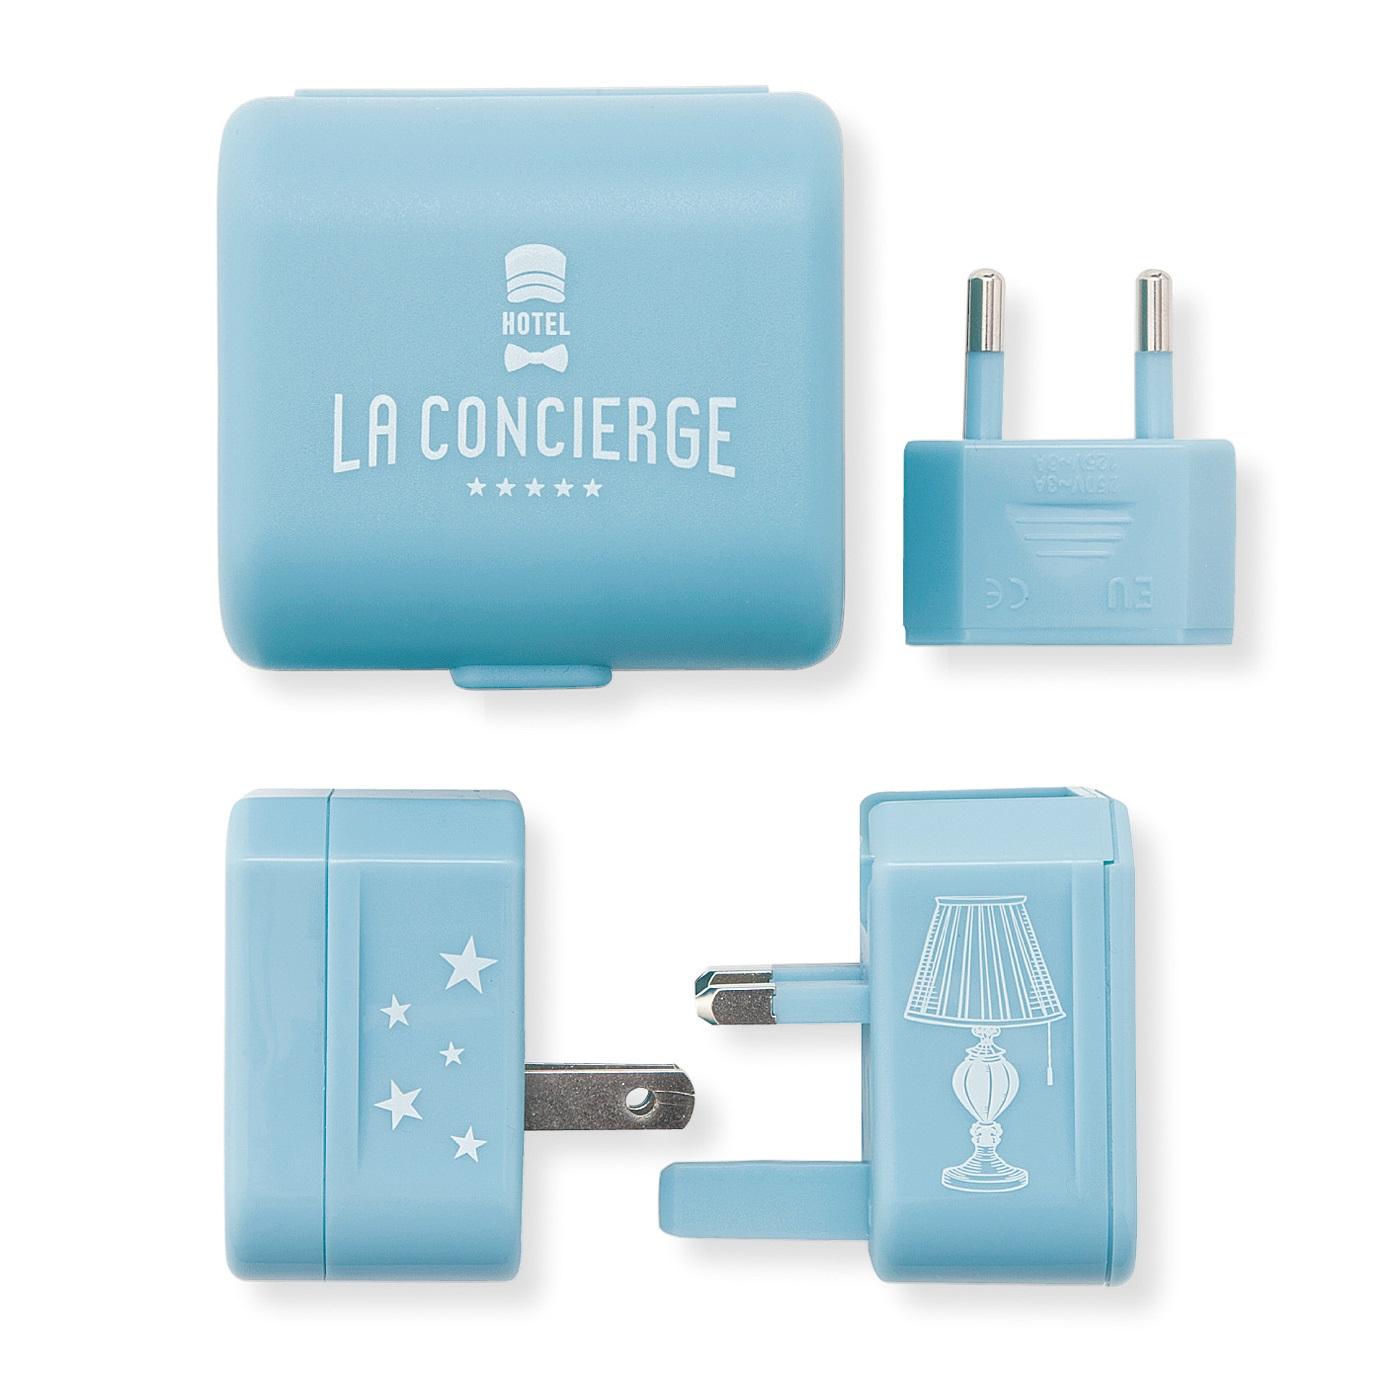 コンセントアダプター ■セット内容/アダプター3種、ケース ■素材/ABS樹脂、ポリプロピレンなど ■サイズ/縦約6cm、横約6.5cm、高さ約4.5cm(ケースサイズ) ※プラグ型:BF型、C型、A型、O型に対応  ※電圧:100V~250Vに対応 ※電圧の変換はできません。 ※日本国内での使用はできません。